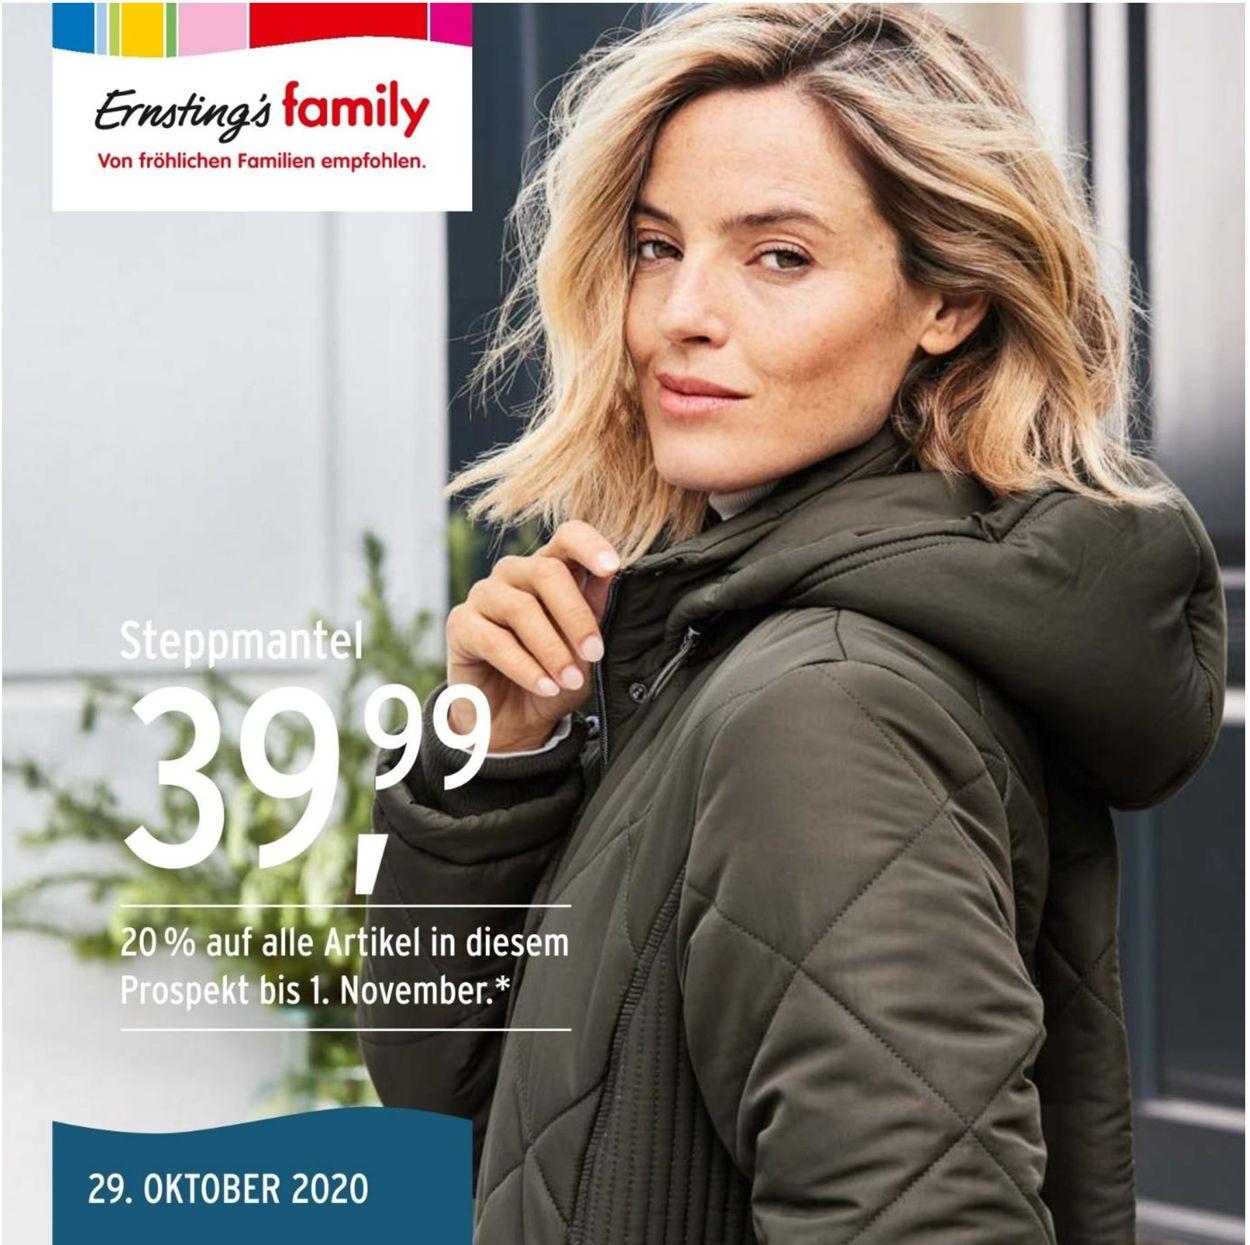 Ernstings family Prospekt - Aktuell vom 29.10-07.11.2020